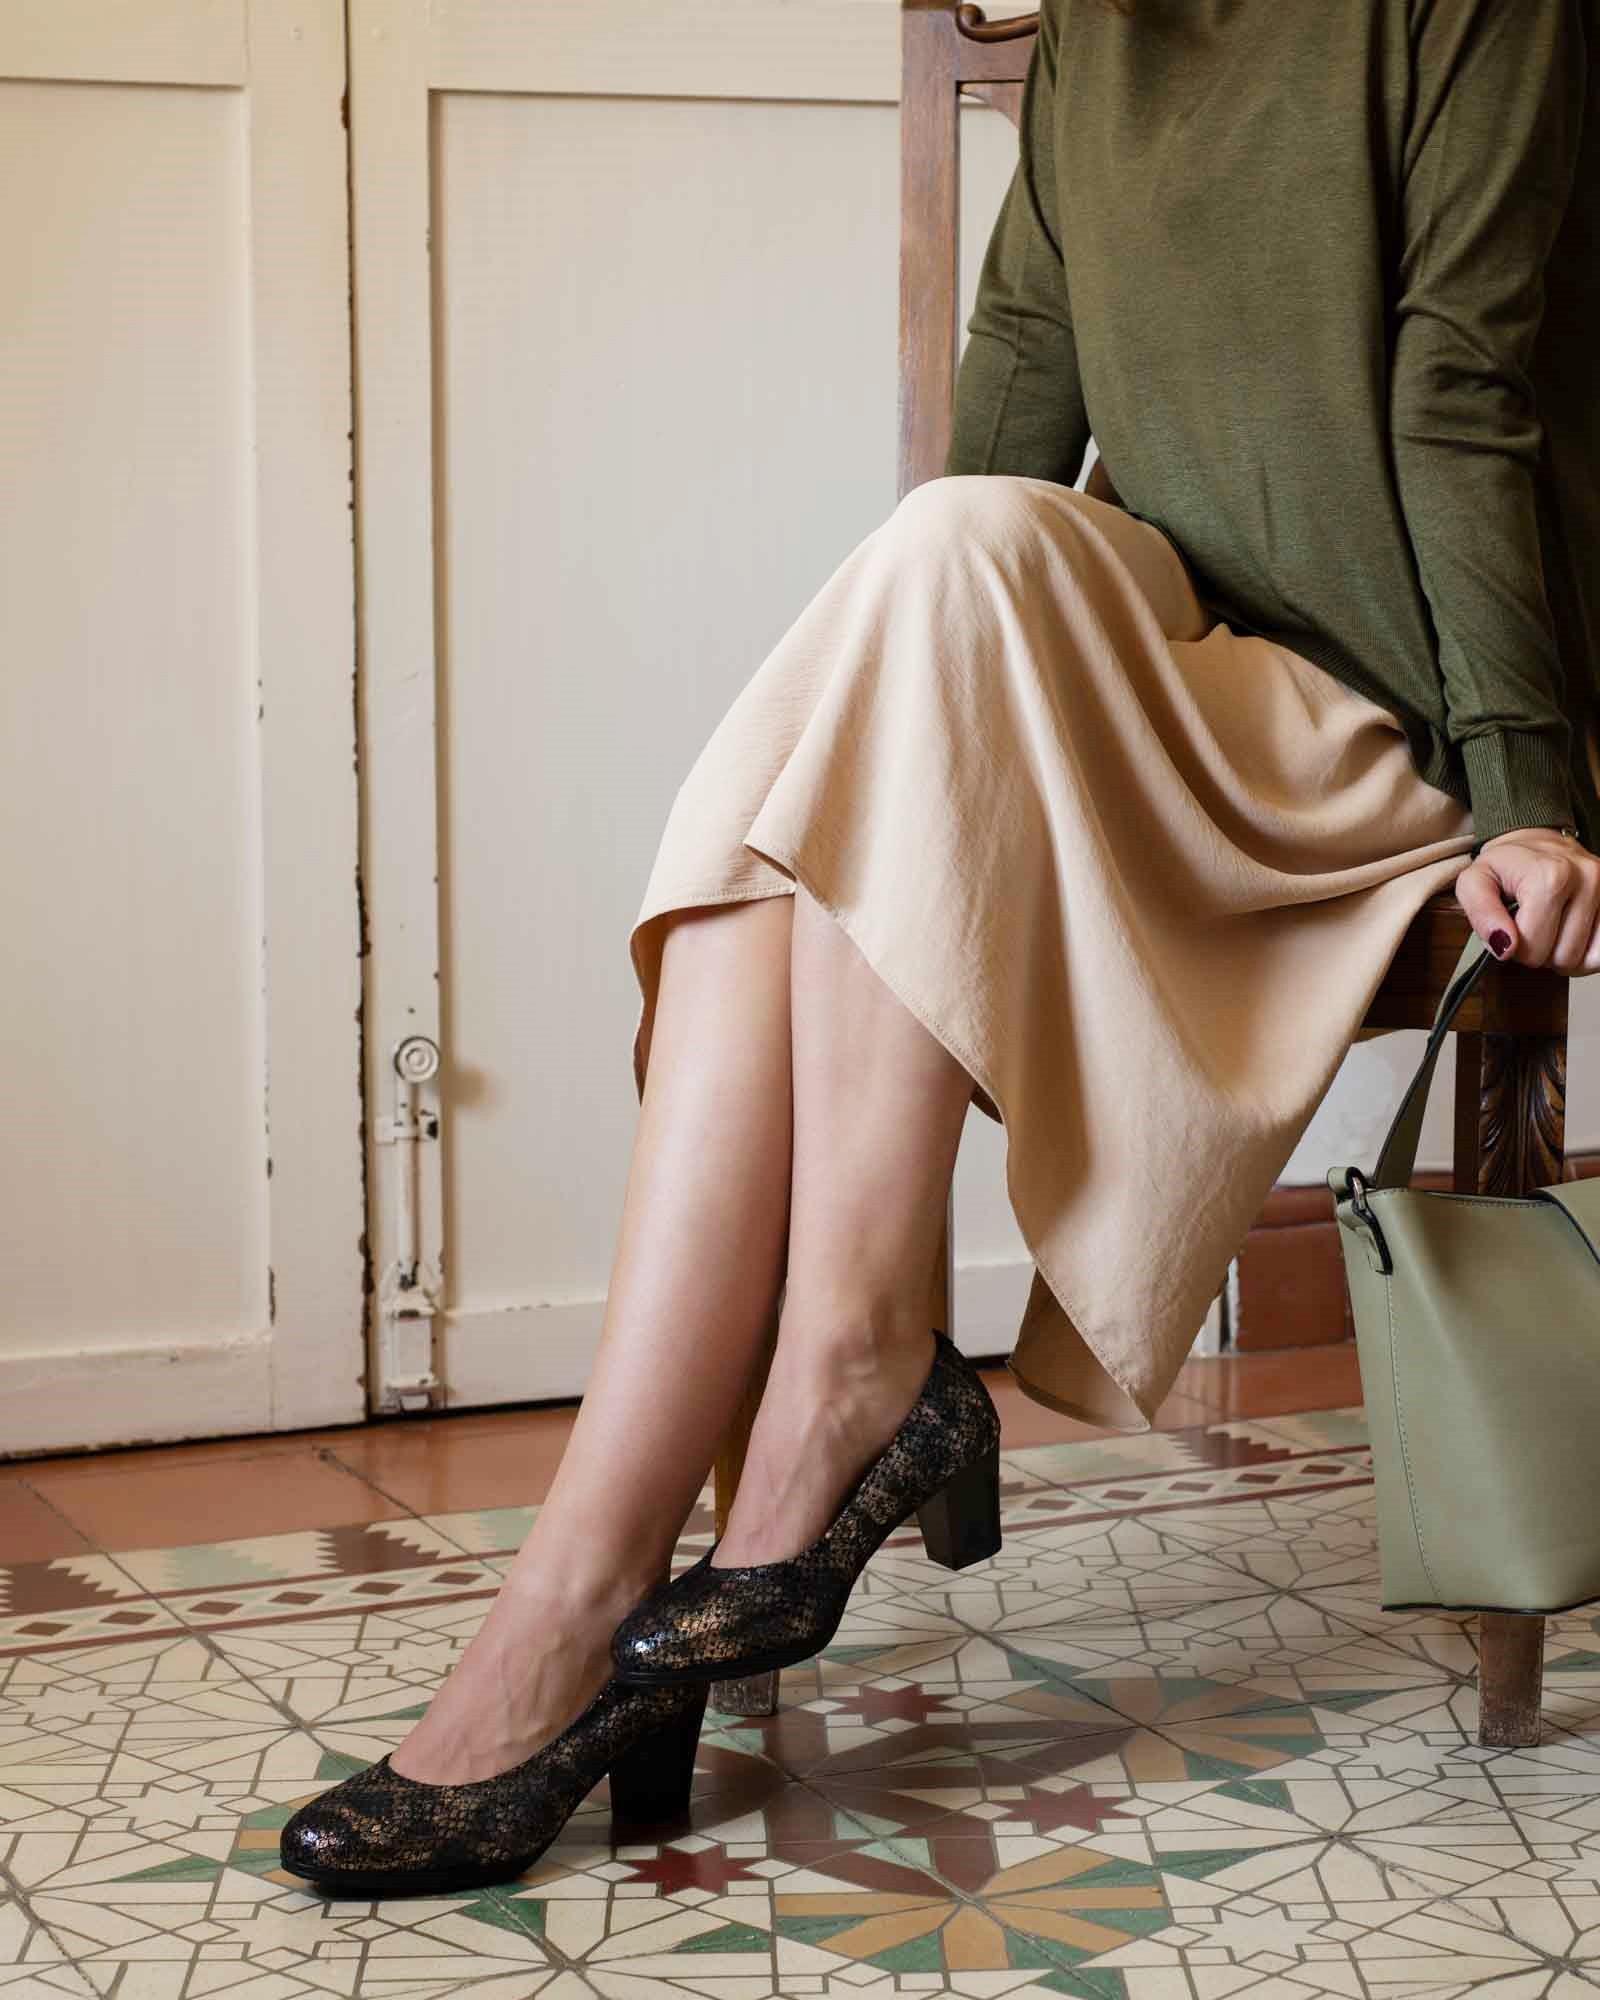 Piernas de mujer con vestido marrón y zapatos negros, con baldosas marrones españoles